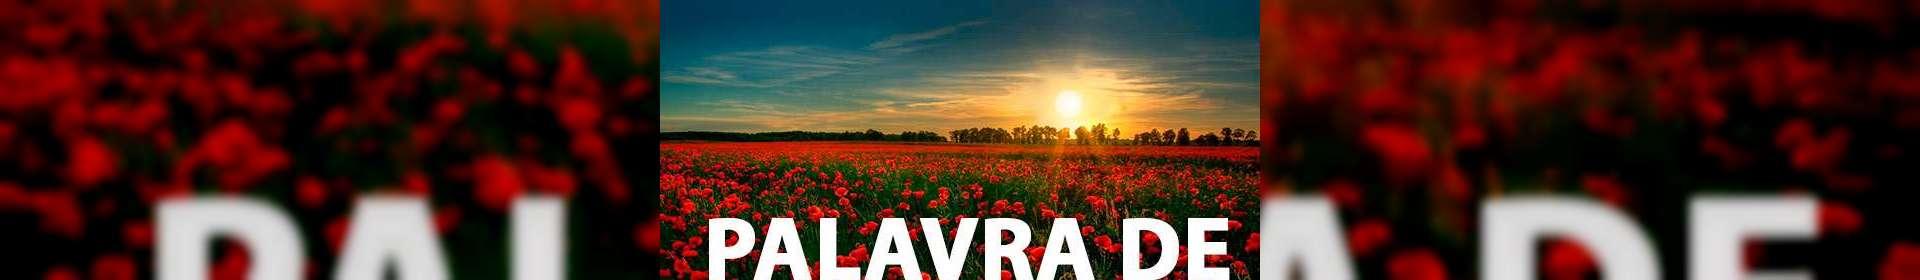 Salmos 20:7 - Uma Palavra de Esperança para sua vida